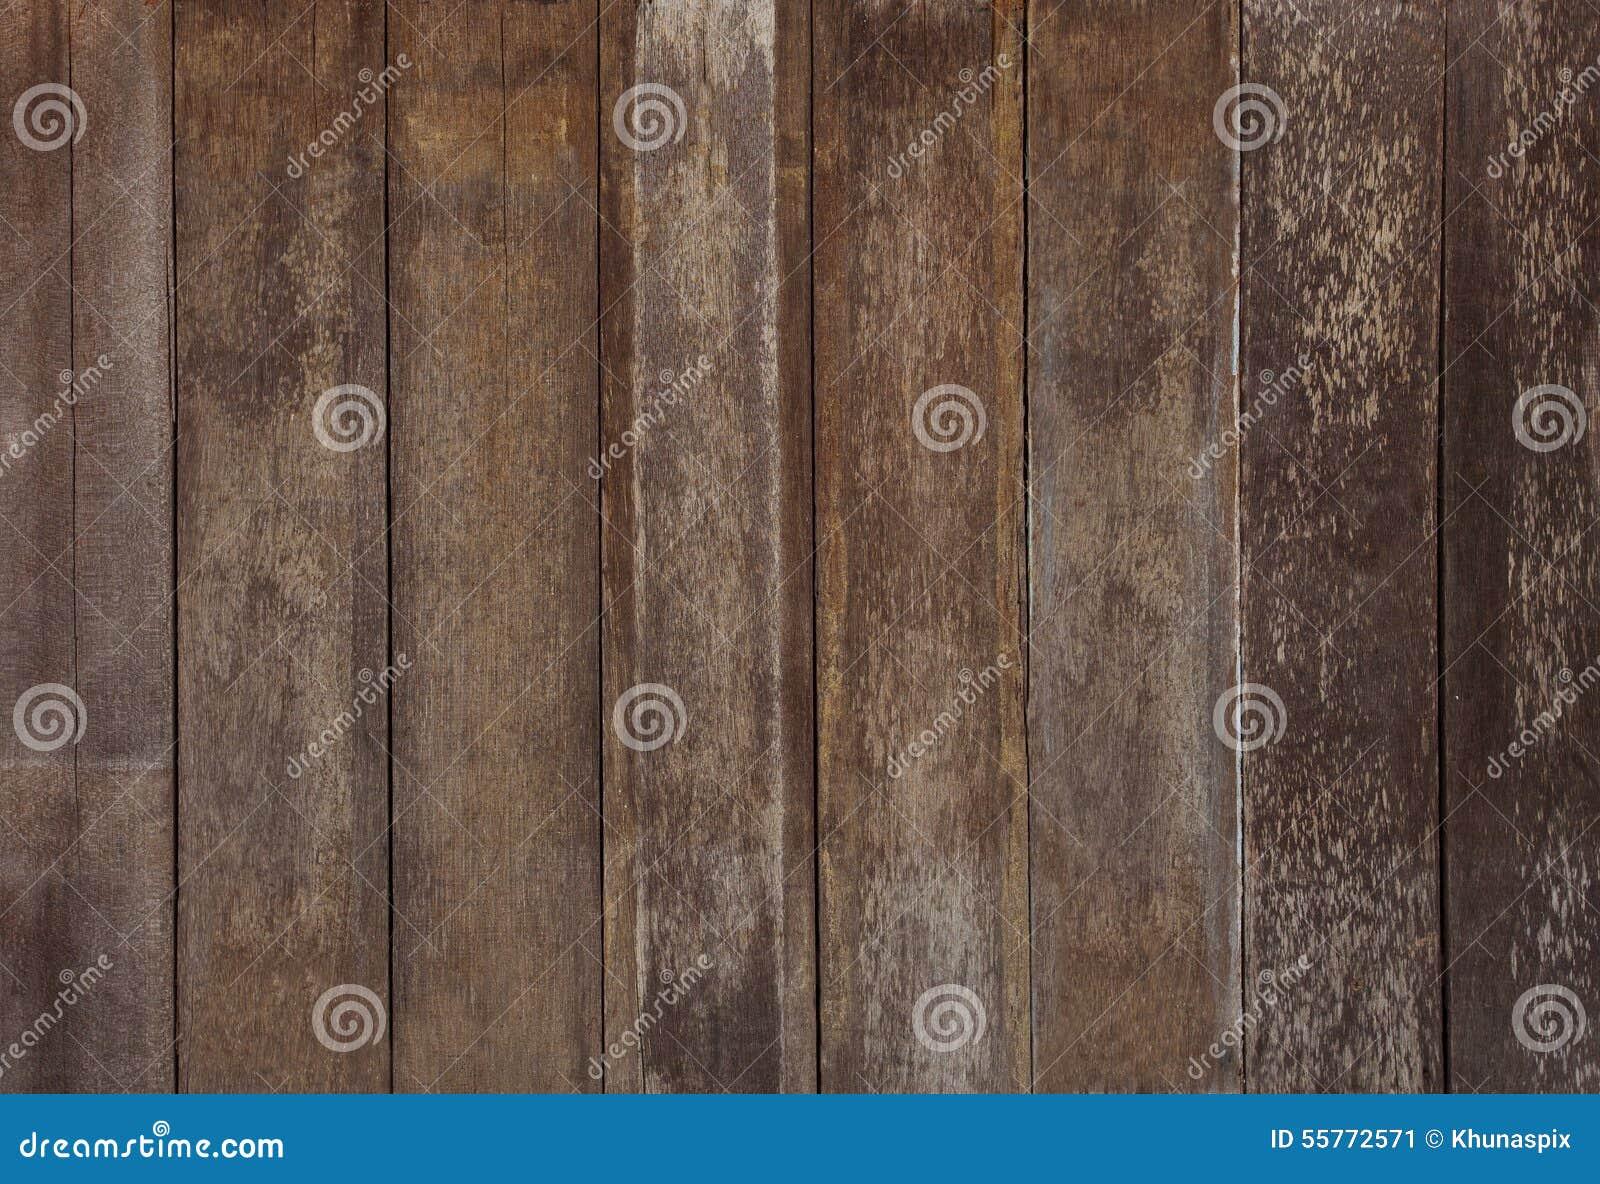 Ρύθμιση της παλαιάς χρήσης επιτροπής φλοιών ξύλινης κατασκευασμένης ως σιτάρι ξύλινο